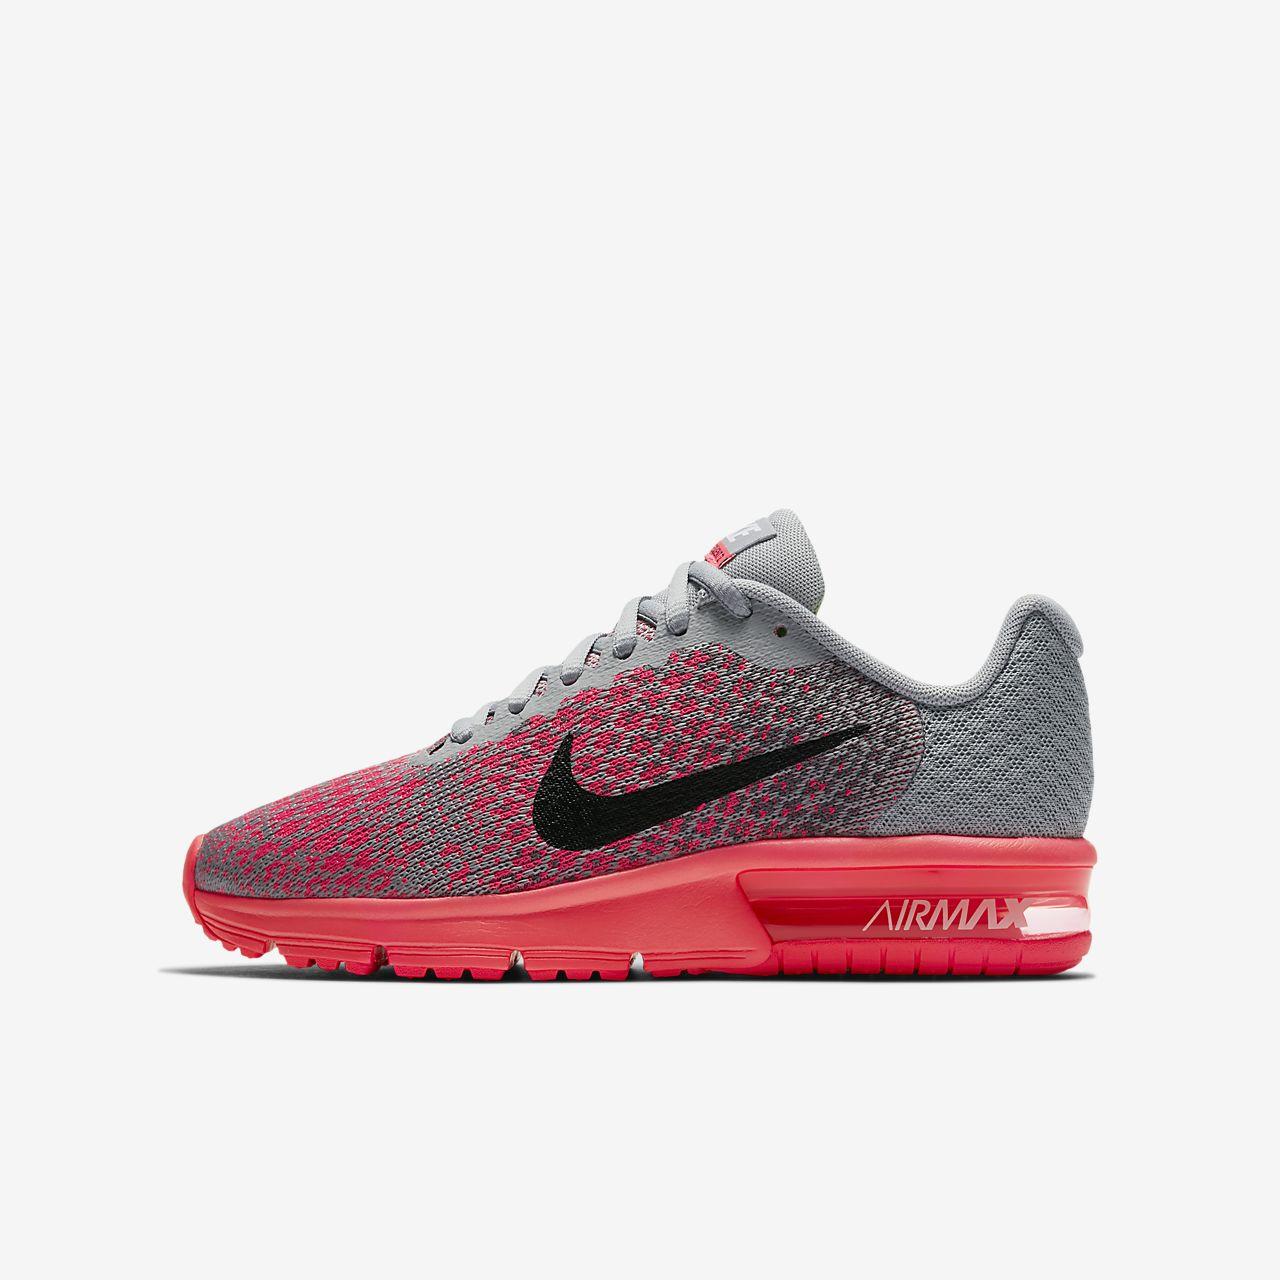 Nike Air Max Sequent 2 Genç Çocuk Koşu Ayakkabısı